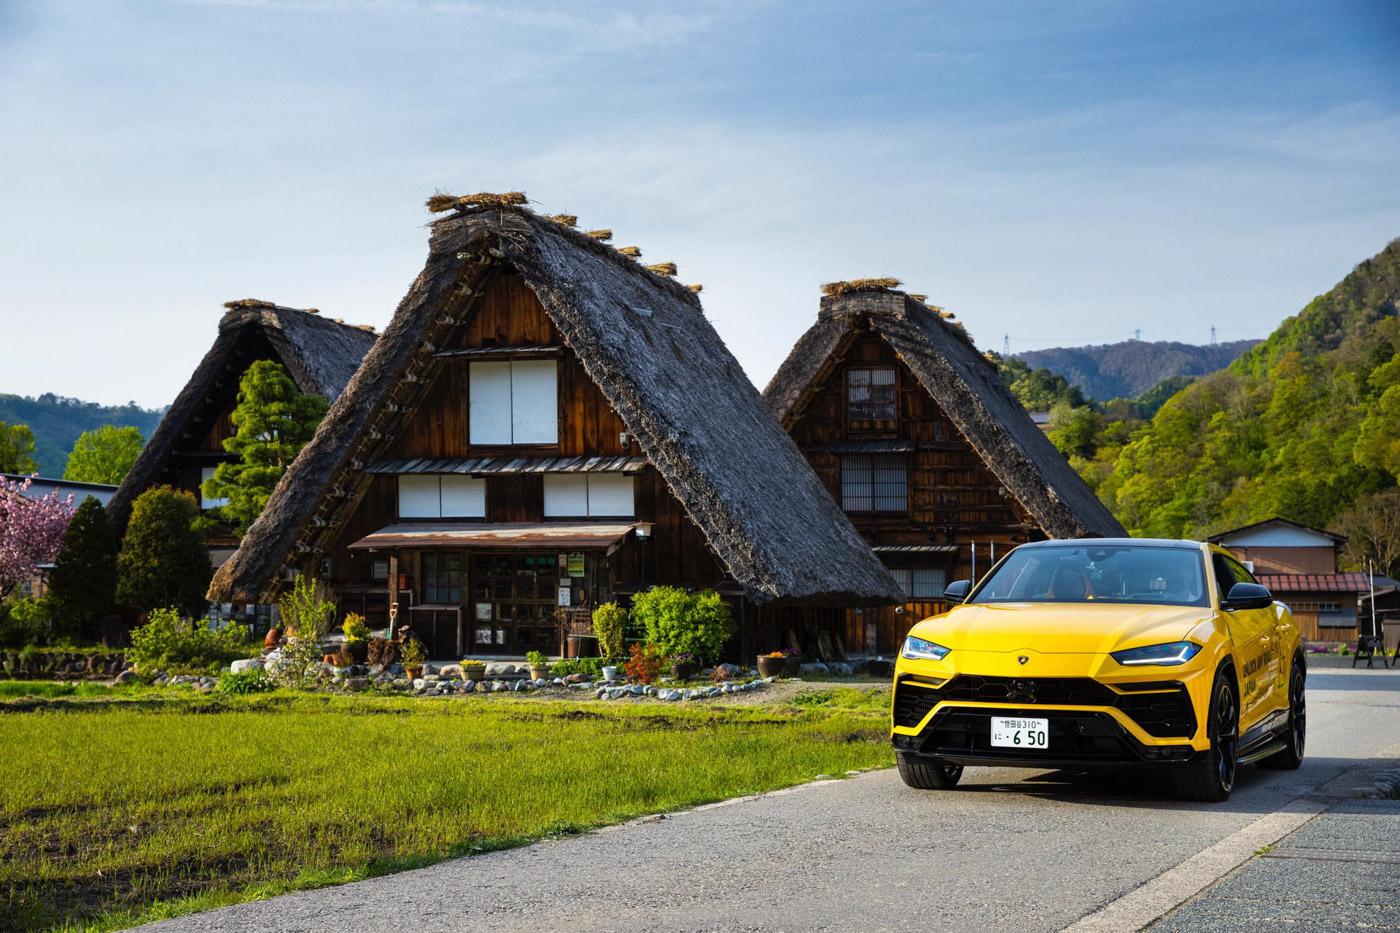 Bộ-đôi-Lamborghini-Urus-vượt-hơn-6.500-km-trong-hành-trình-xuyên-Nhật-Bản (29).jpg